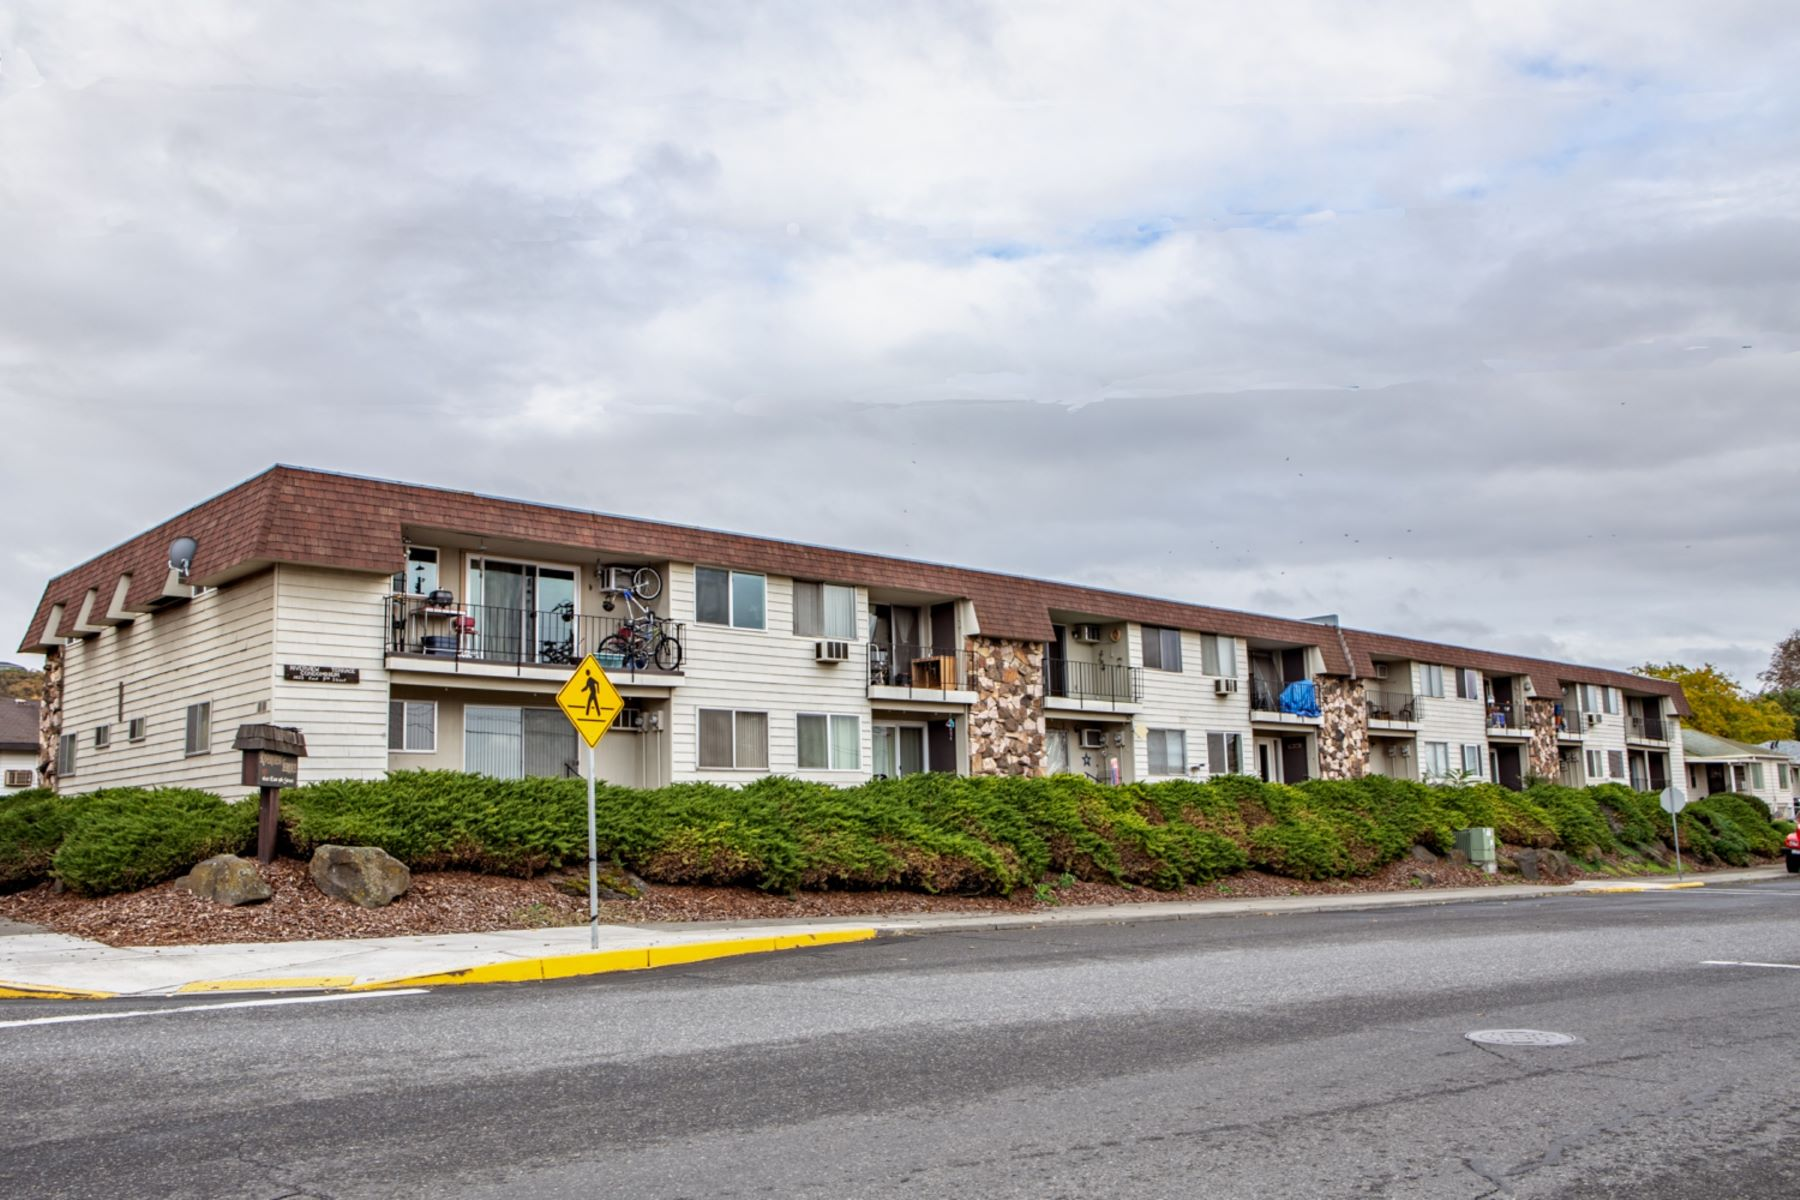 Single Family Homes pour l Vente à 1622 E 9th Unit 4 1622 E 9th #4, The Dalles, Oregon 97058 États-Unis